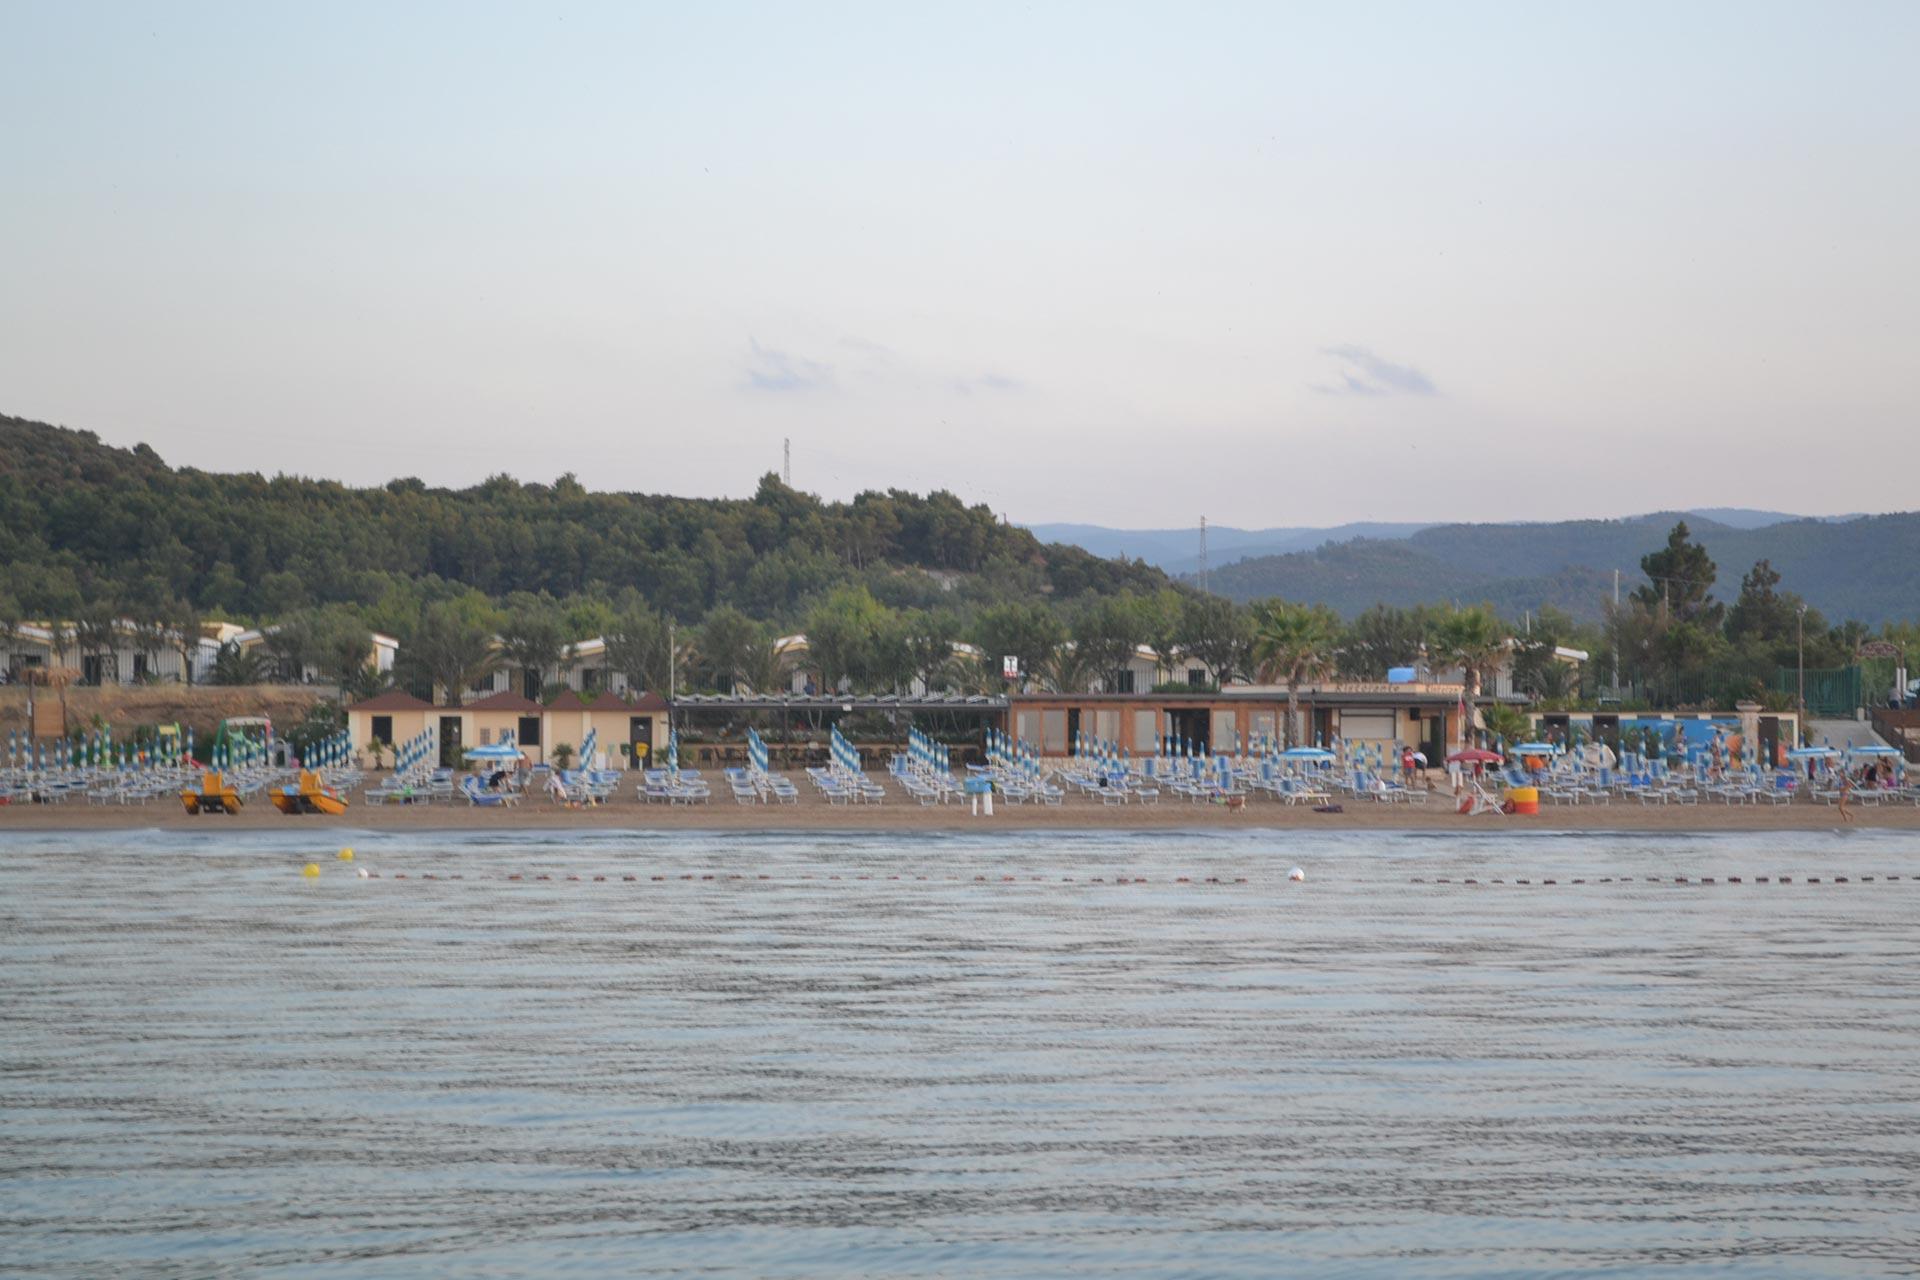 Pirola Beach